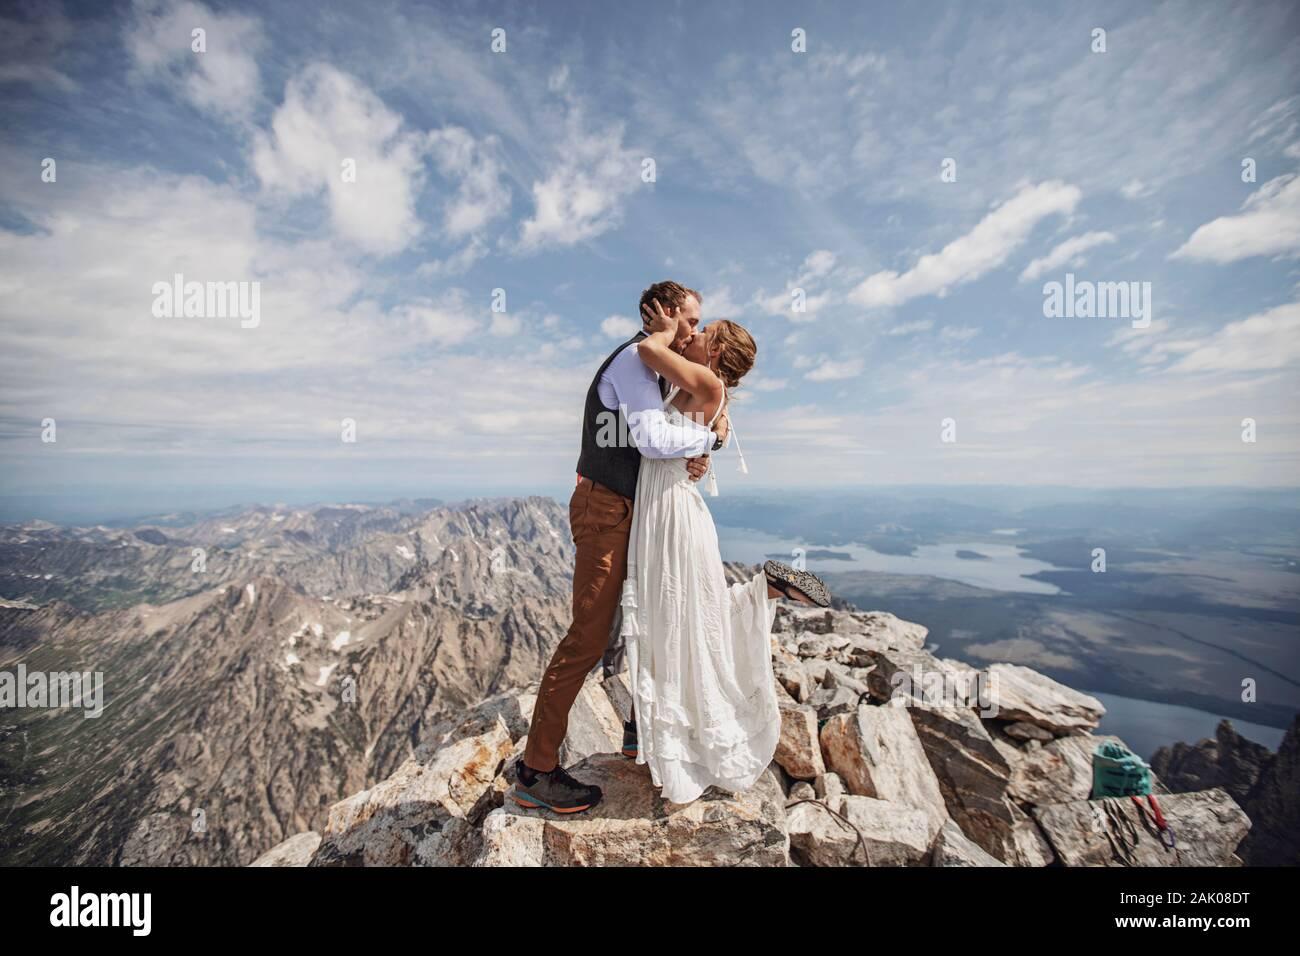 La coppia appena fatta ha il primo bacio durante il matrimonio sulla cima della montagna, Wyoming. Foto Stock